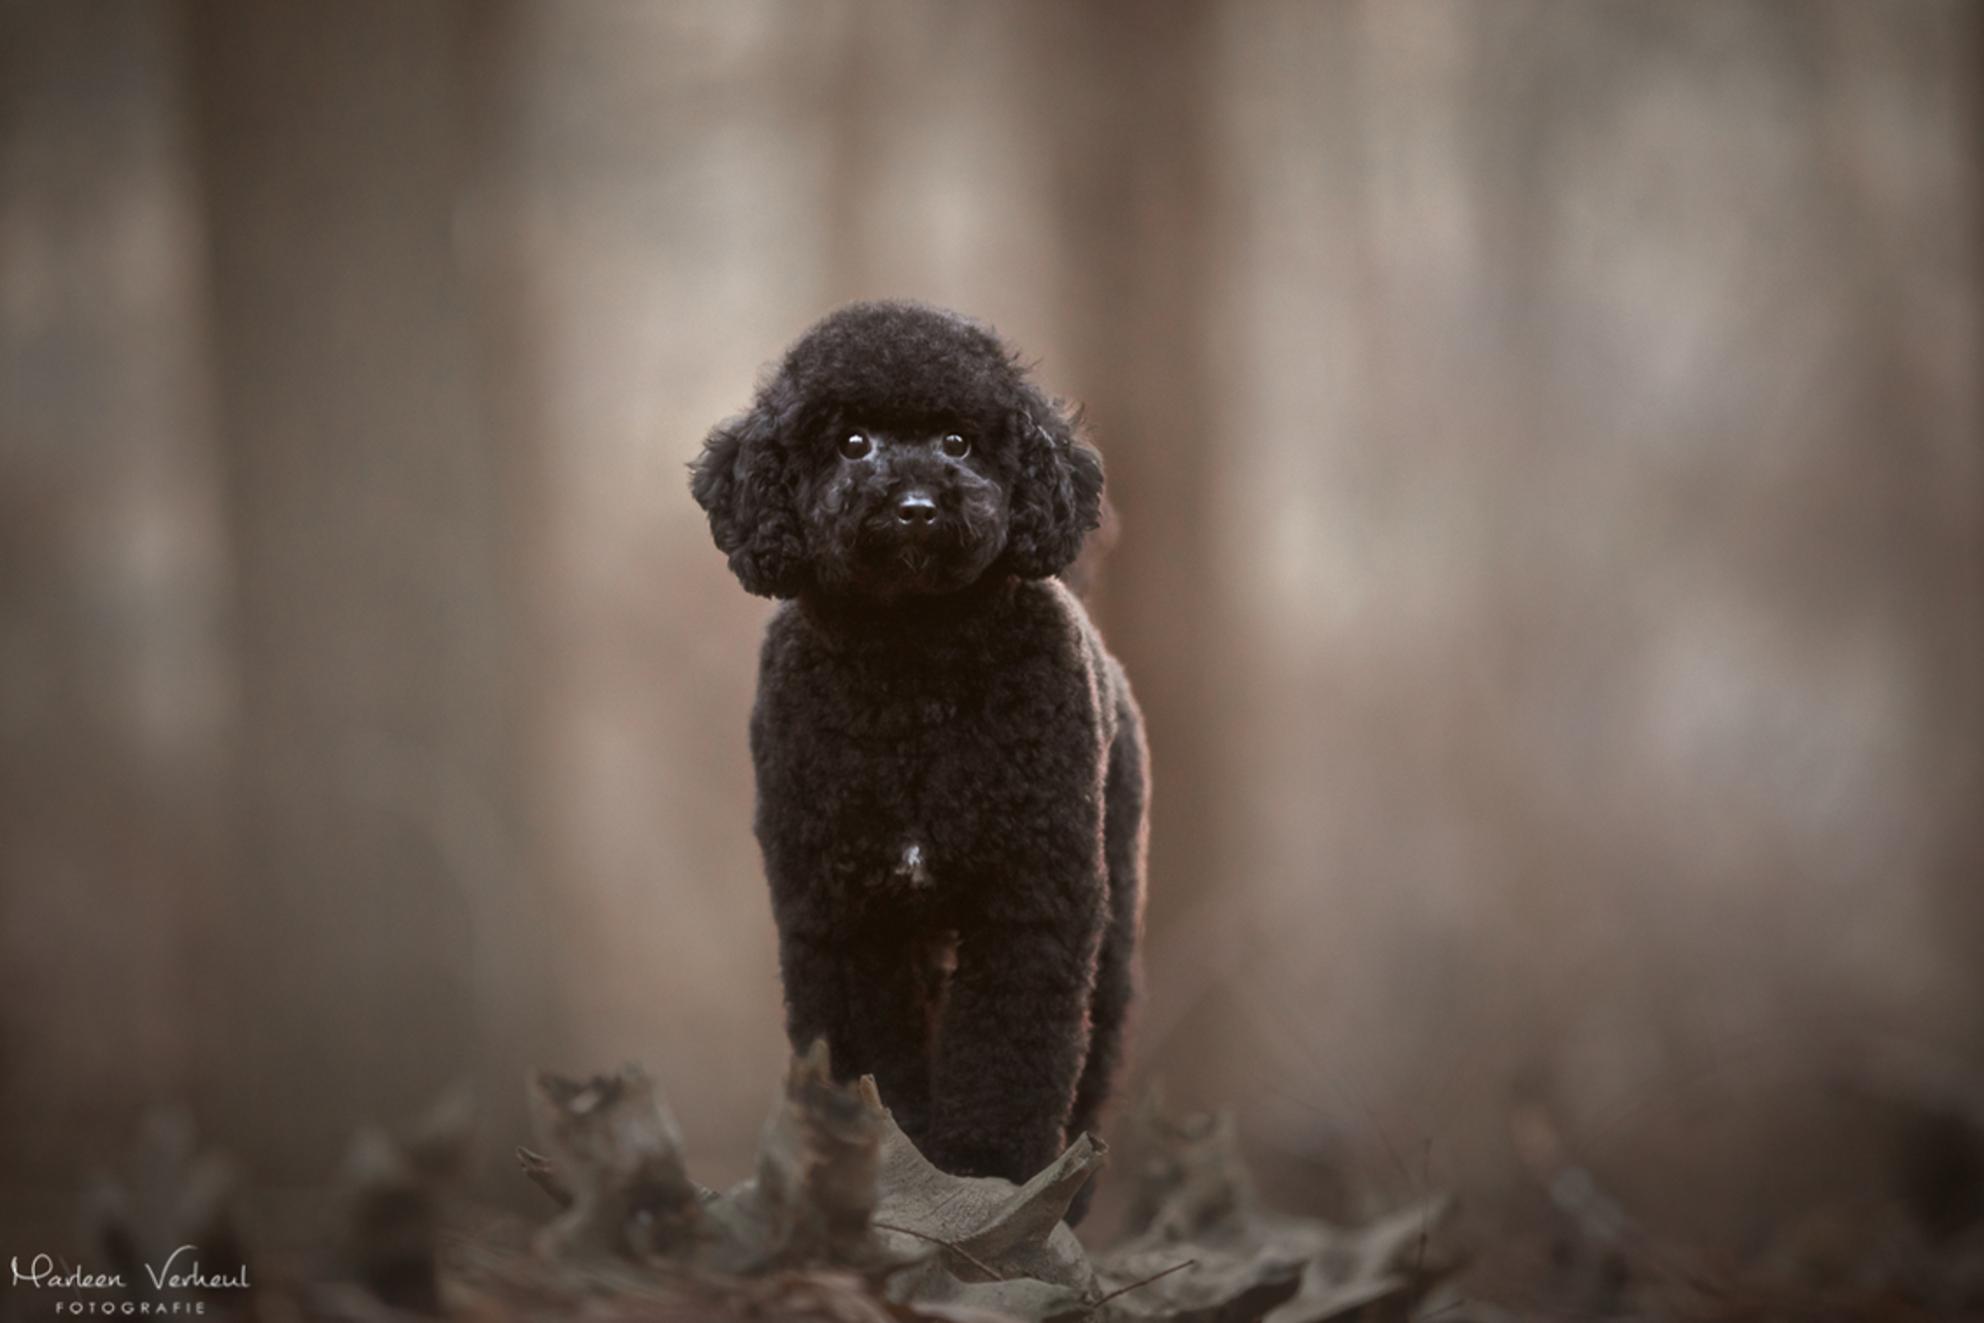 Macey - Toy-poedel Maken - foto door MarleenVerheulFotografie op 30-11-2020 - deze foto bevat: dieren, huisdier, hond, hondenfotografie, hondenfotograaf